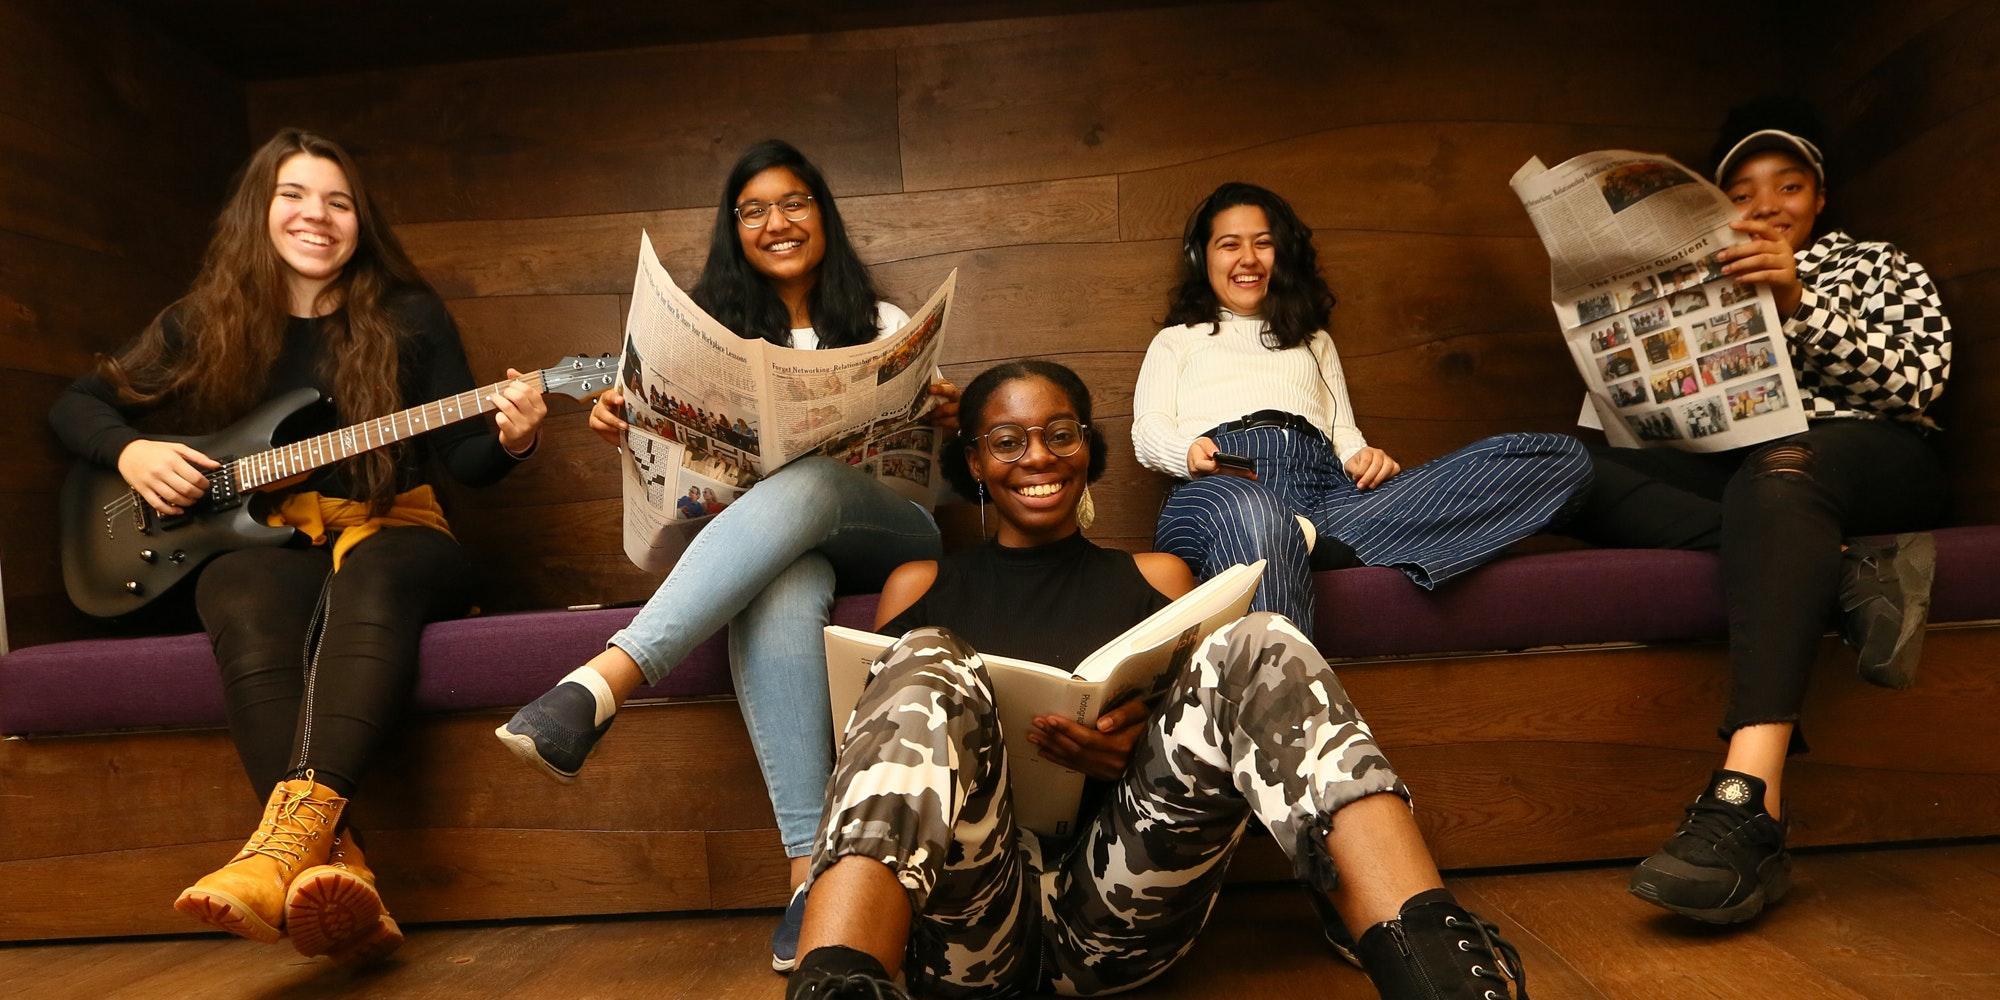 Foto de cinco meninas de etnias diferentes, cada uma segurando um objeto: livro, guitarra, jornais e celular